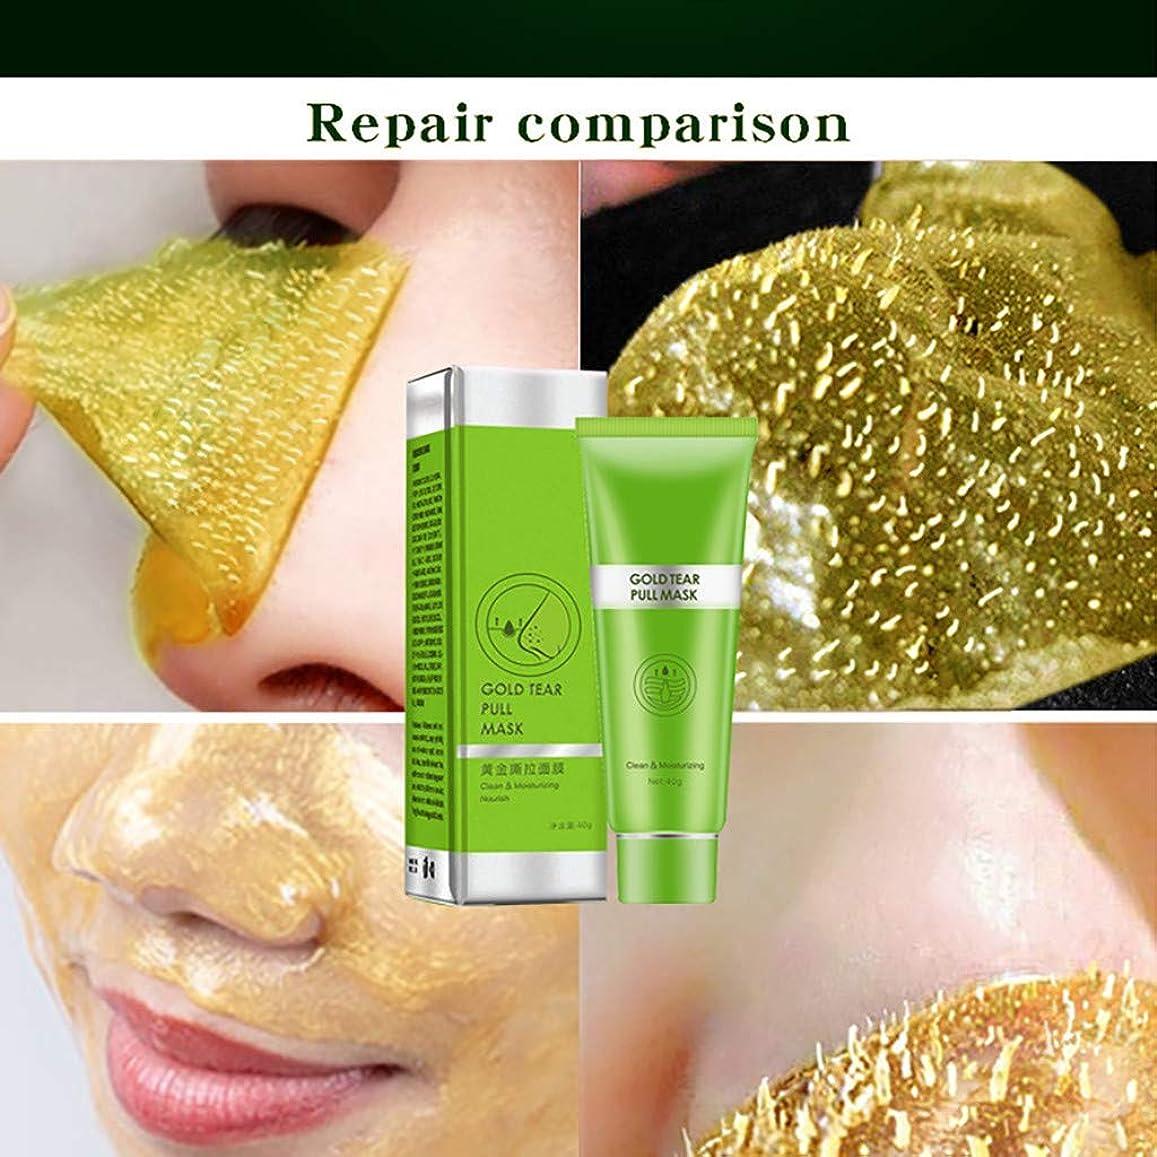 国内の応用畝間フェイスケアゴールドコラーゲンピールオフマスクゴールデンティアリングマスクディープクリーニングにきび除去筋肉保湿ピュアナリッシングシュリンクポア引き締めスキンケアFace Care Gold Collagen Peel off Mask Golden Tearing Mask Deep Cleaning Blackhead Acne Removal (2個/2Pcs)